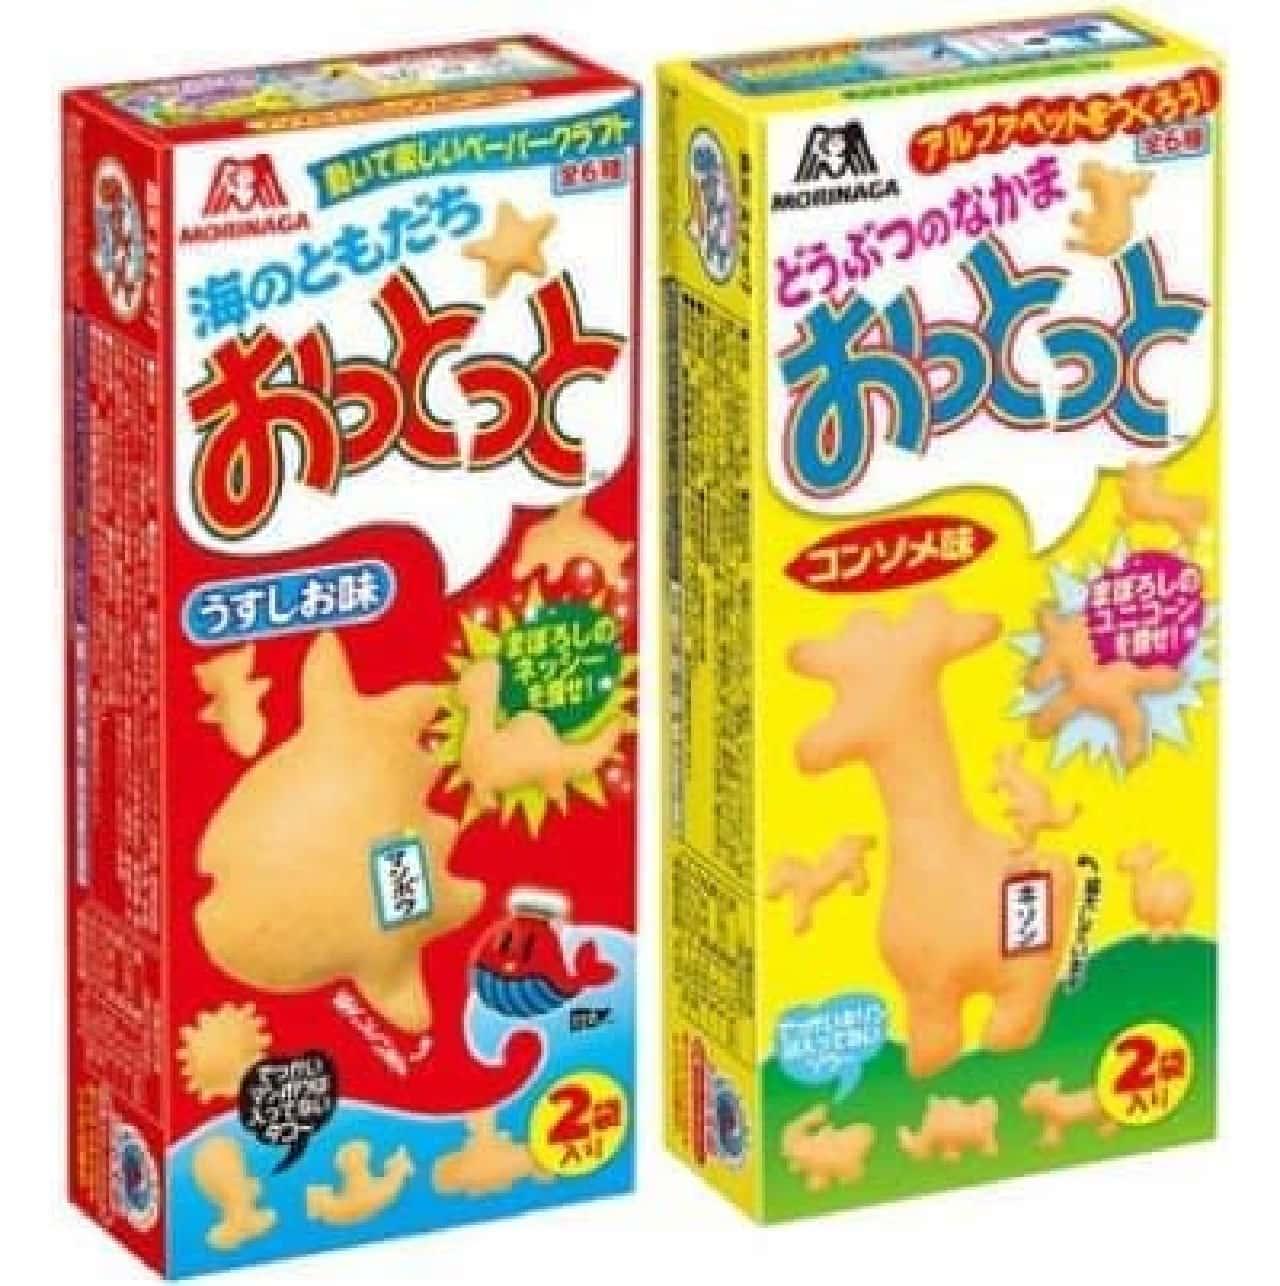 レアキャラが入ってリニューアル発売!